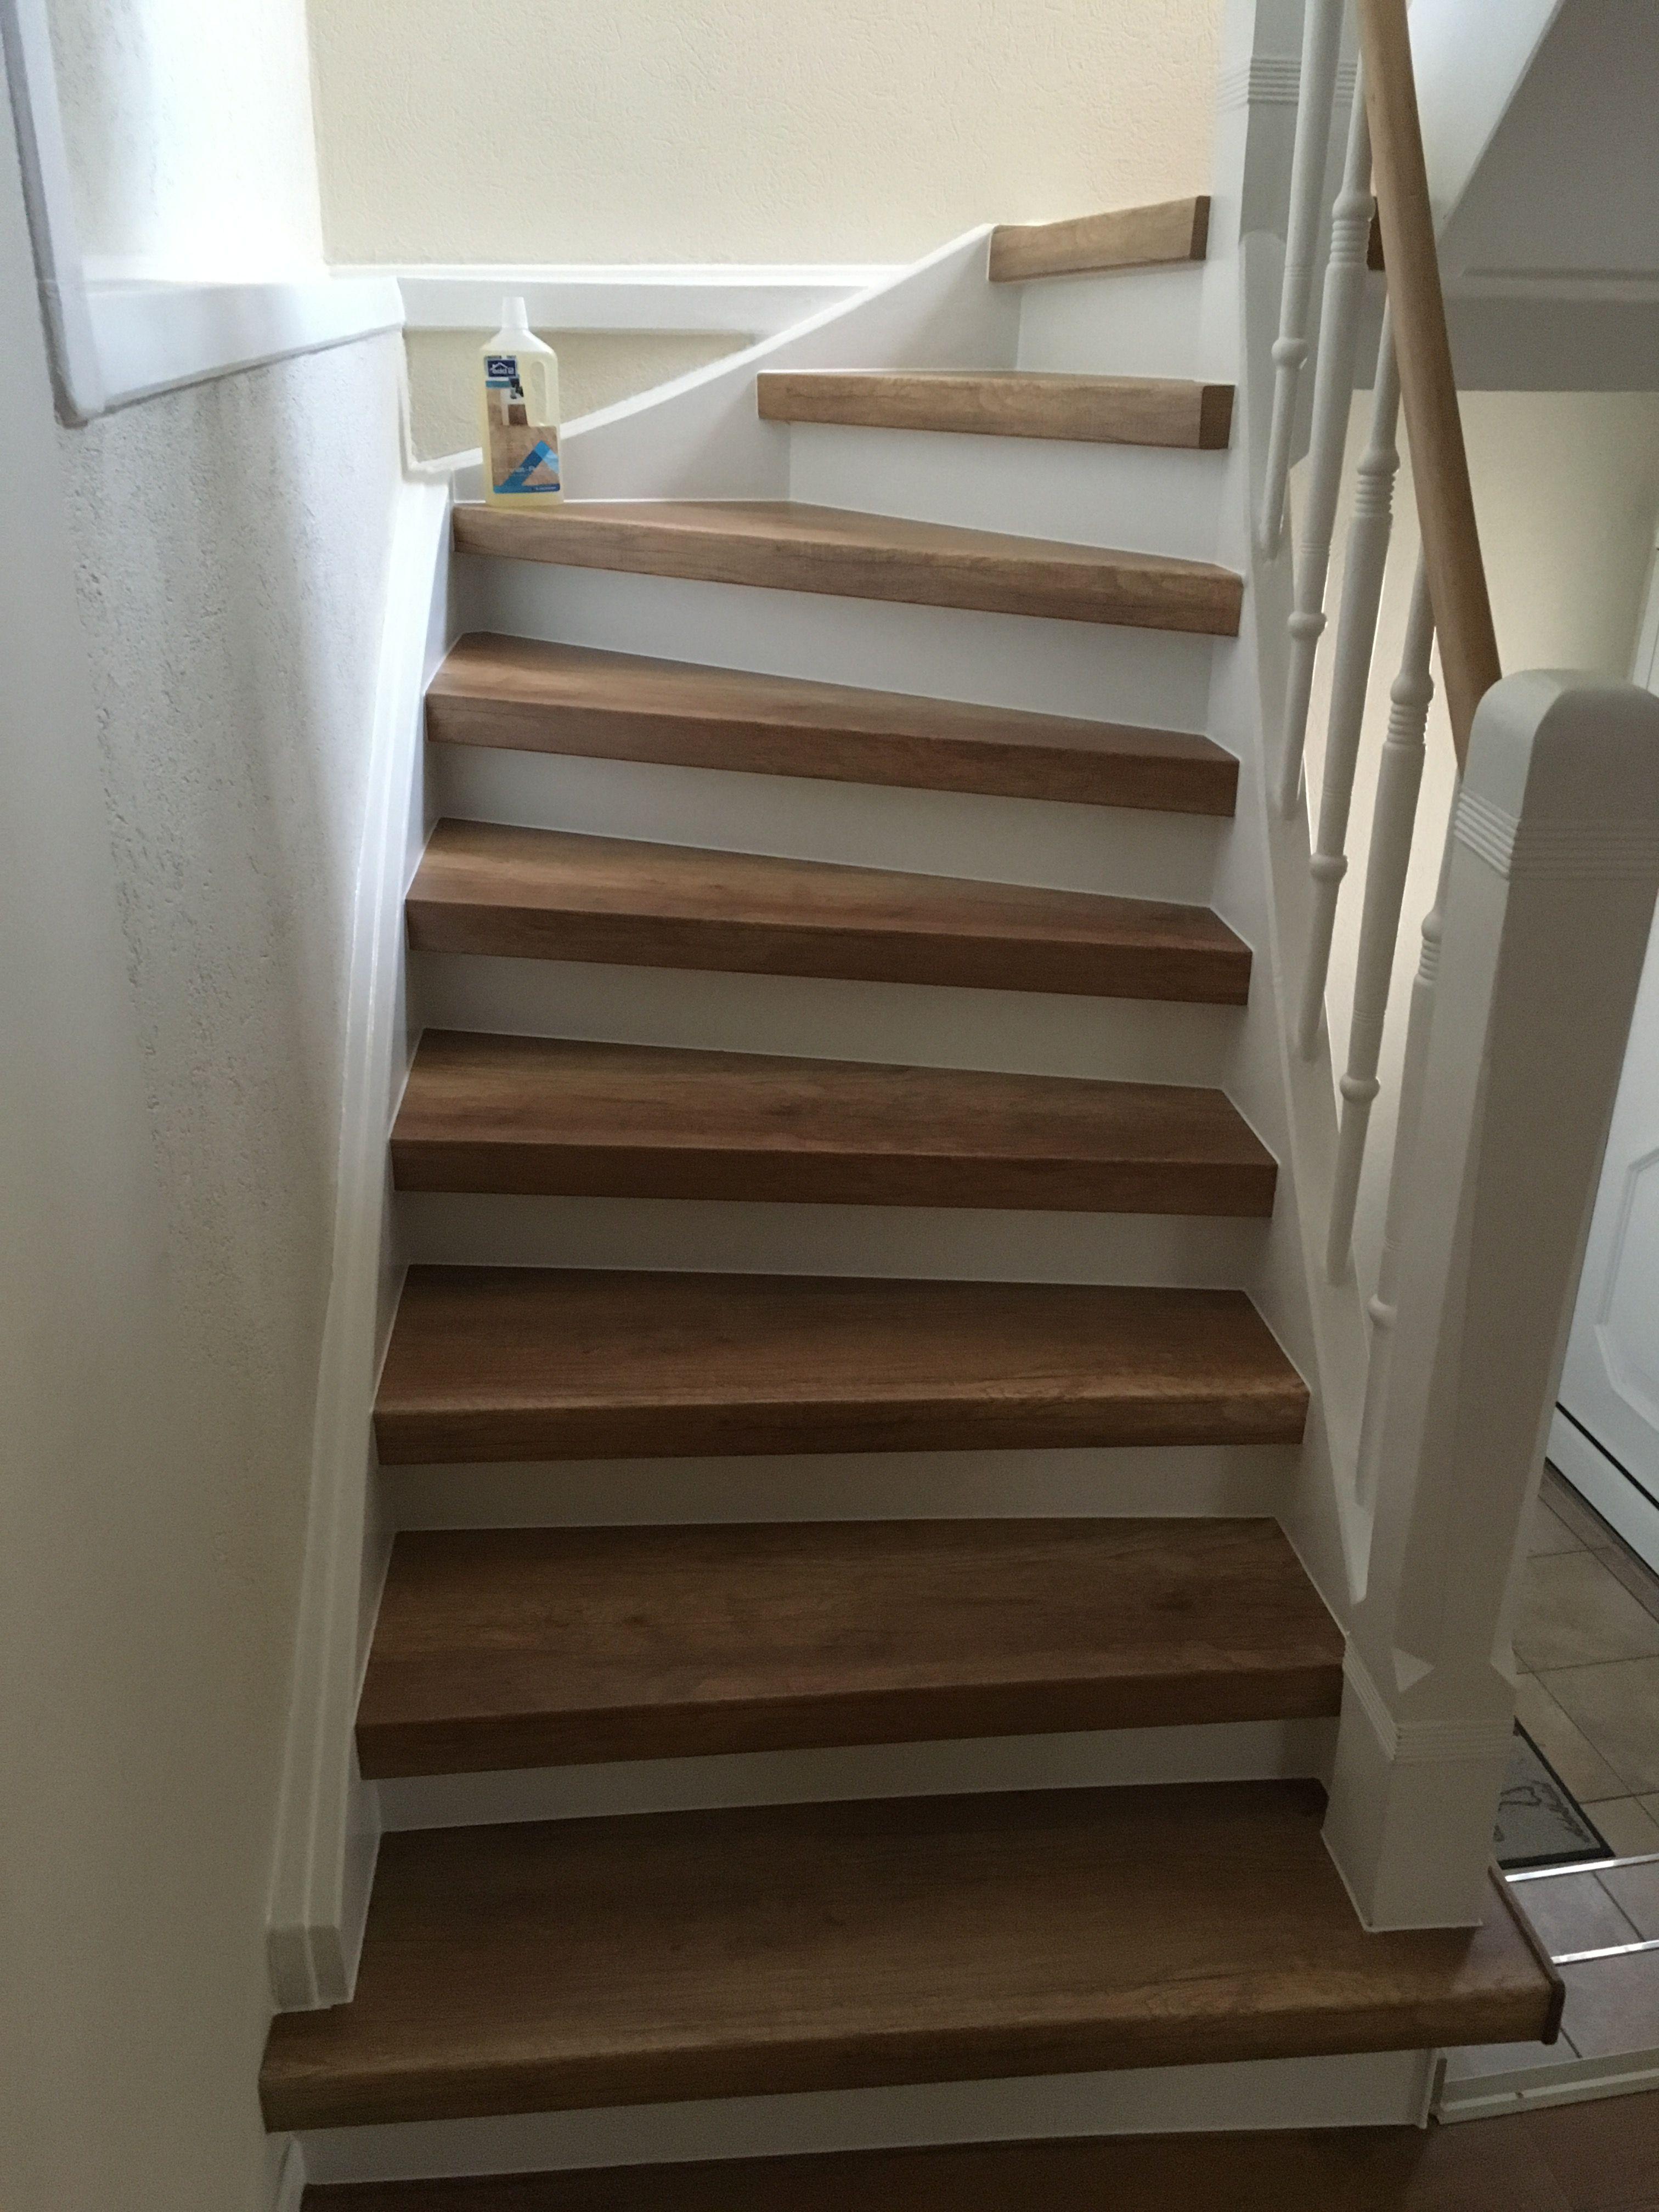 Alte Holztreppe Streichen. Good Holztreppen Verkleiden